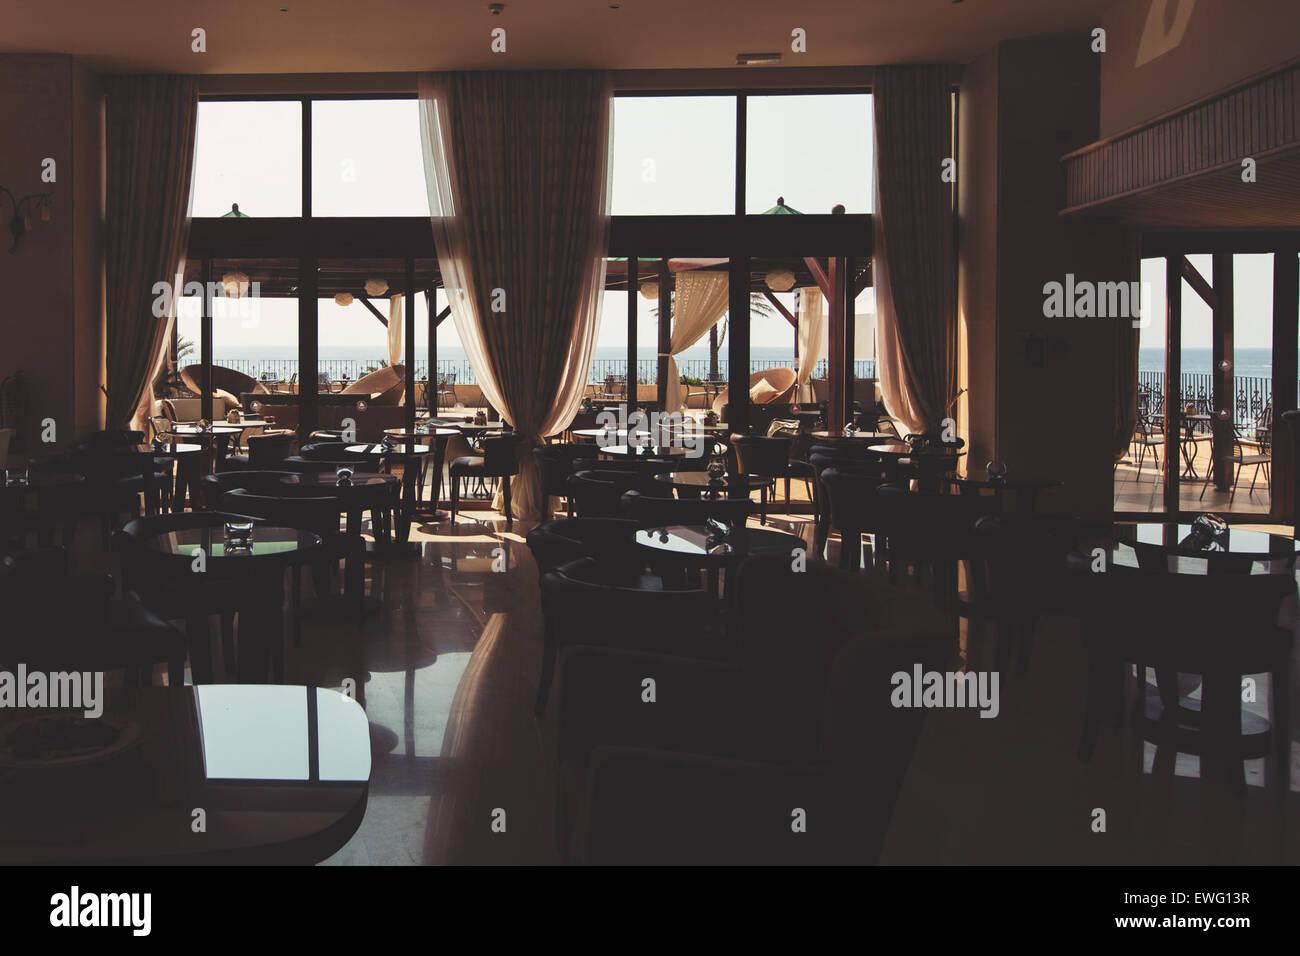 Indoor feine Restaurants Einrichtung Stockbild